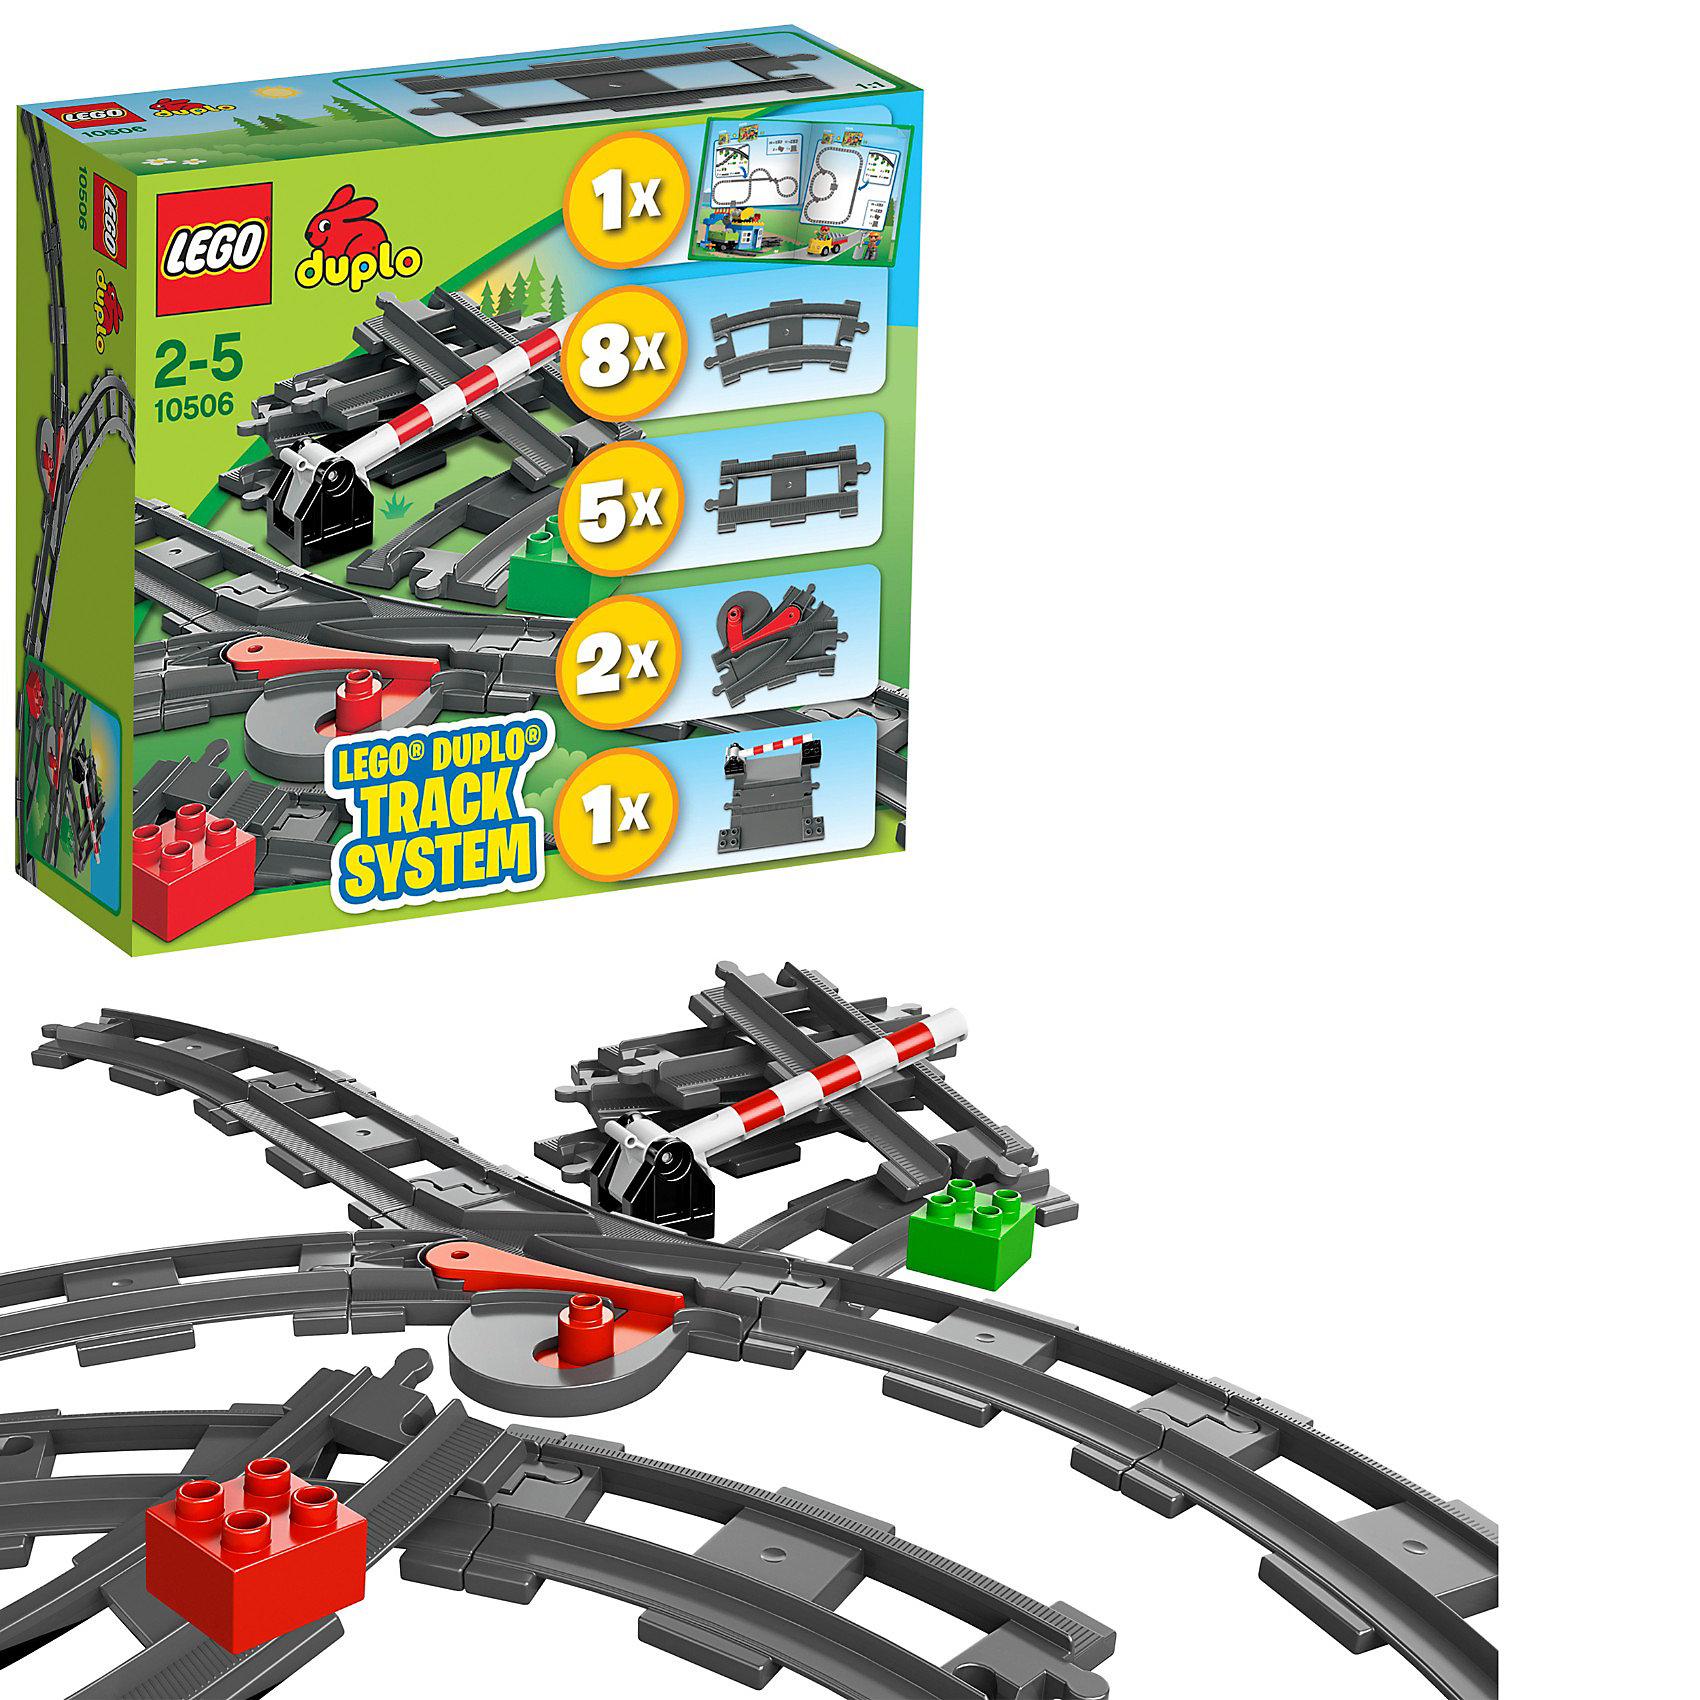 LEGO LEGO DUPLO 10506: Дополнительные элементы для поезда книга lego lego 978 5 699 78042 6 книга поймай шпиона с мини набором